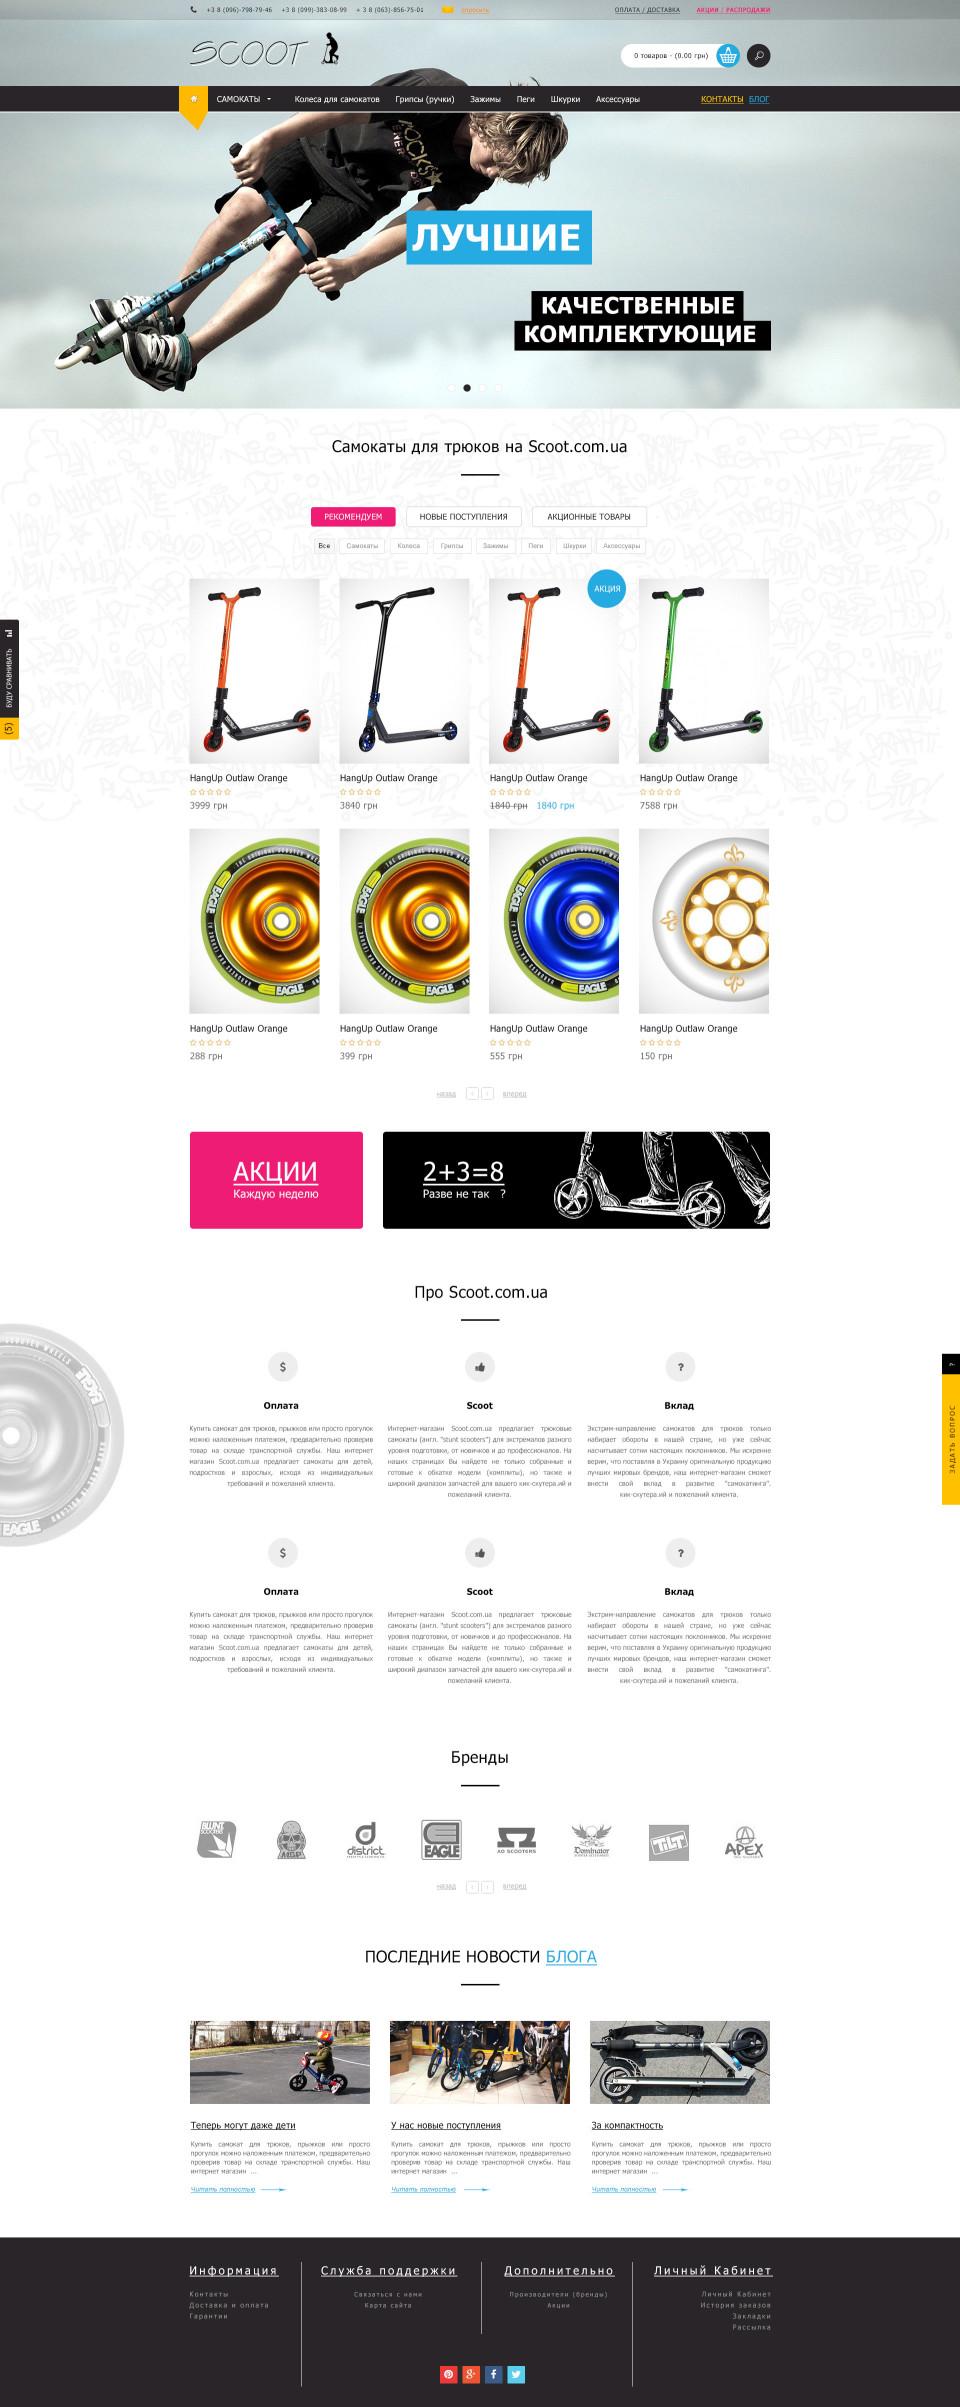 Интернет магазин трюковых самокатов Scoot - Главная страница (макет)